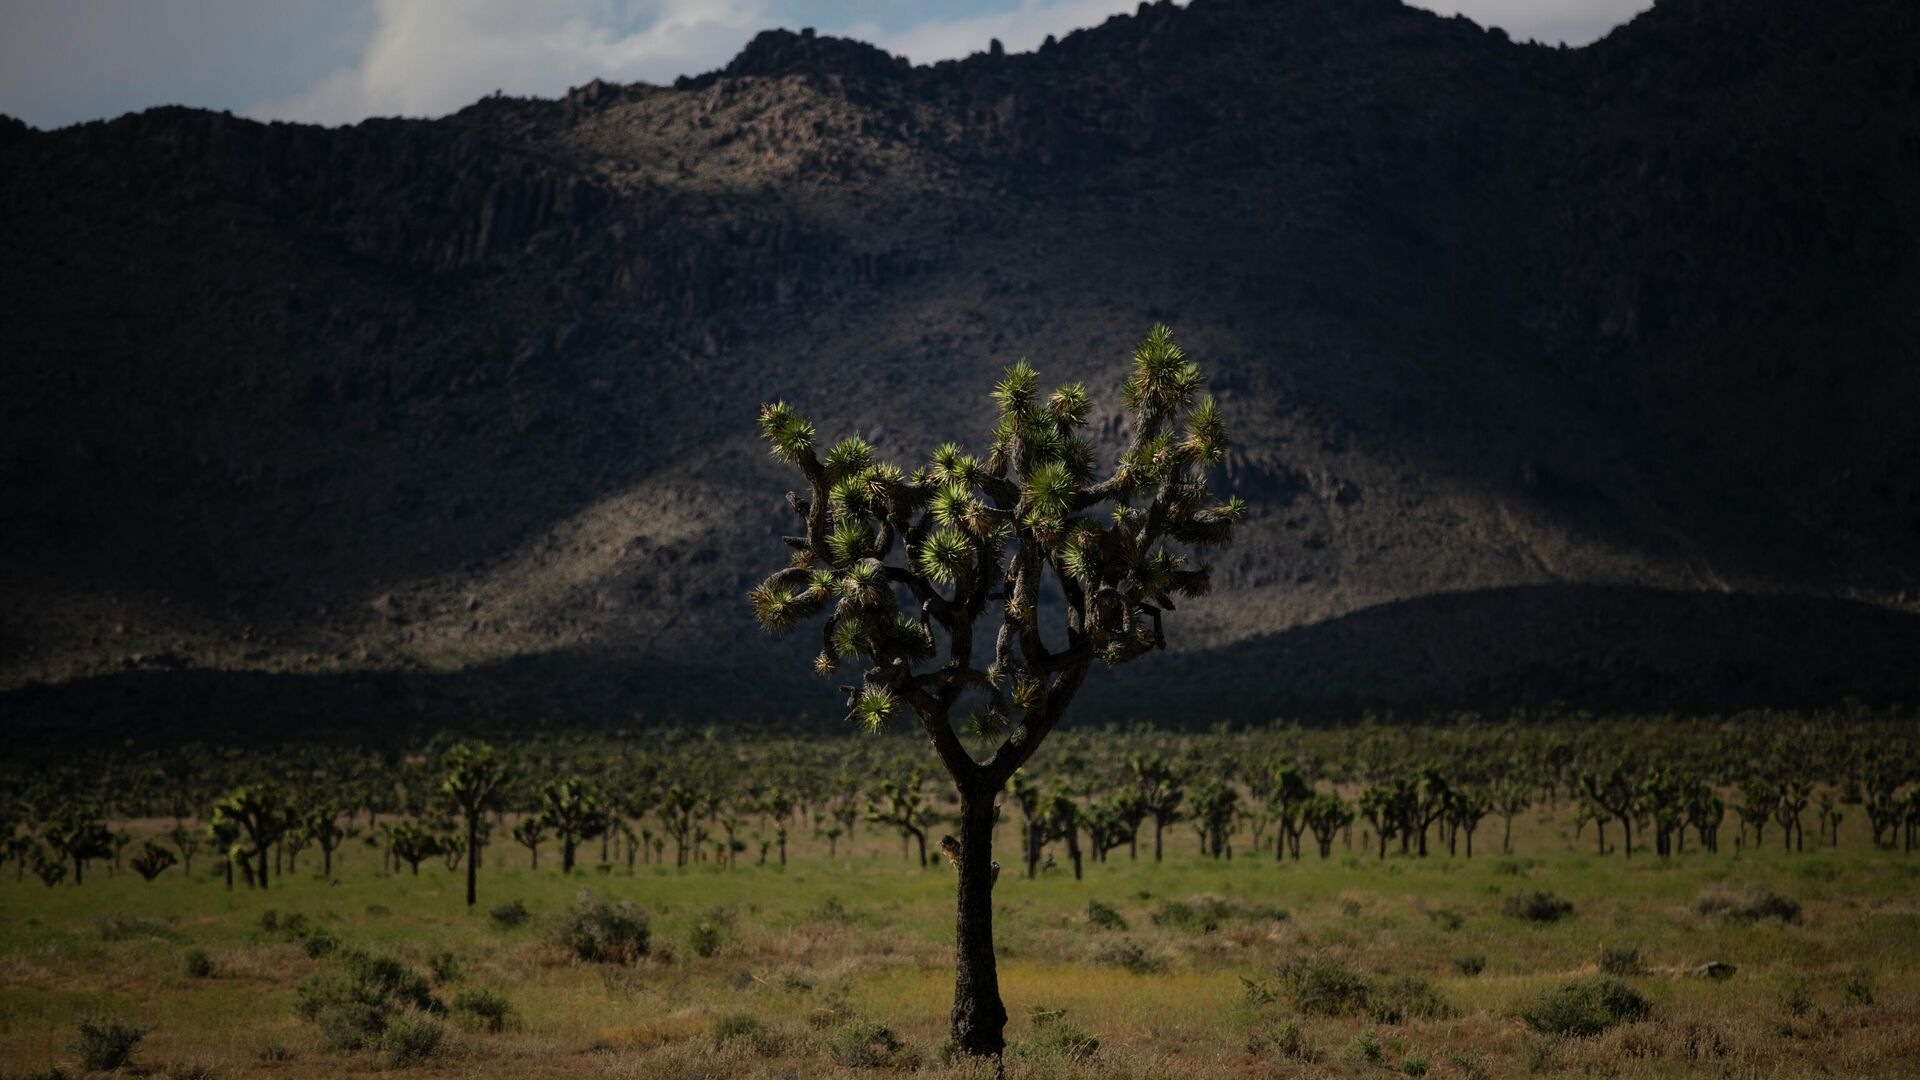 1578114420 0:237:3072:1965 1920x0 80 0 0 5389315b5c070f4d068619ce79ee7d98 - В Калифорнии могут исчезнуть знаменитые деревья Джошуа